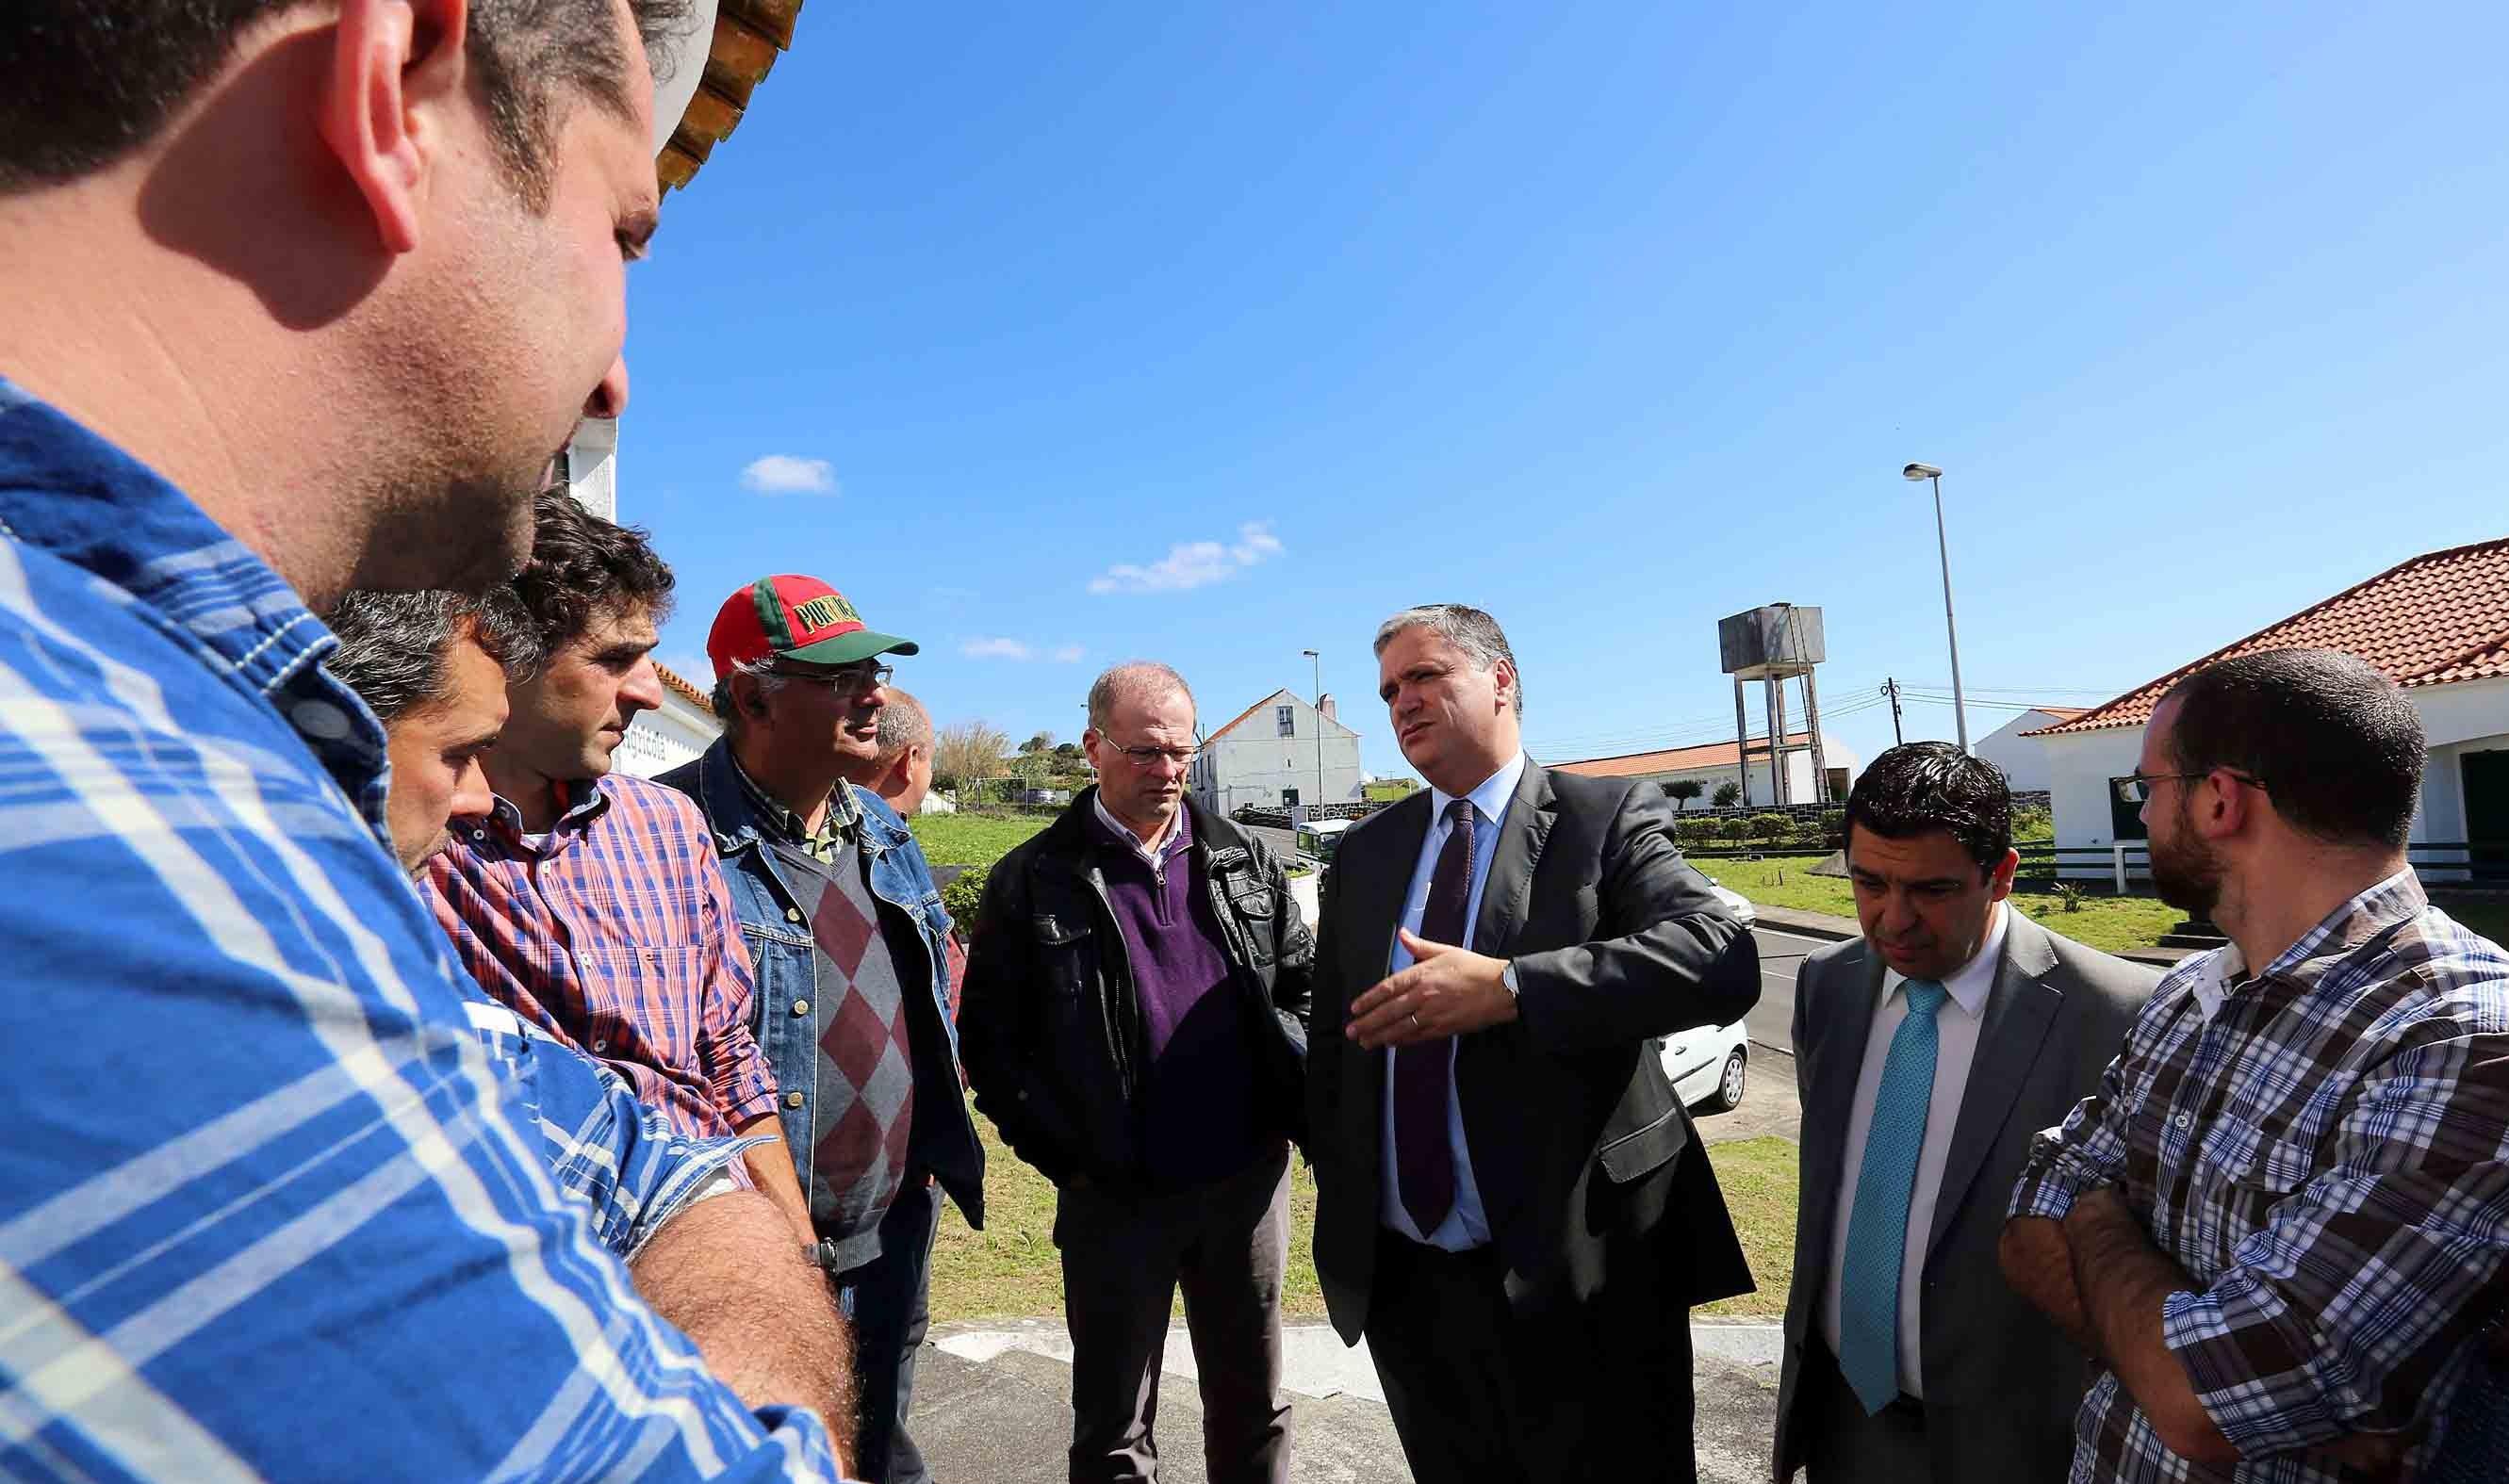 Governo garante apoios para agricultores ultrapassarem atual situação o melhor possível, afirma Vasco Cordeiro